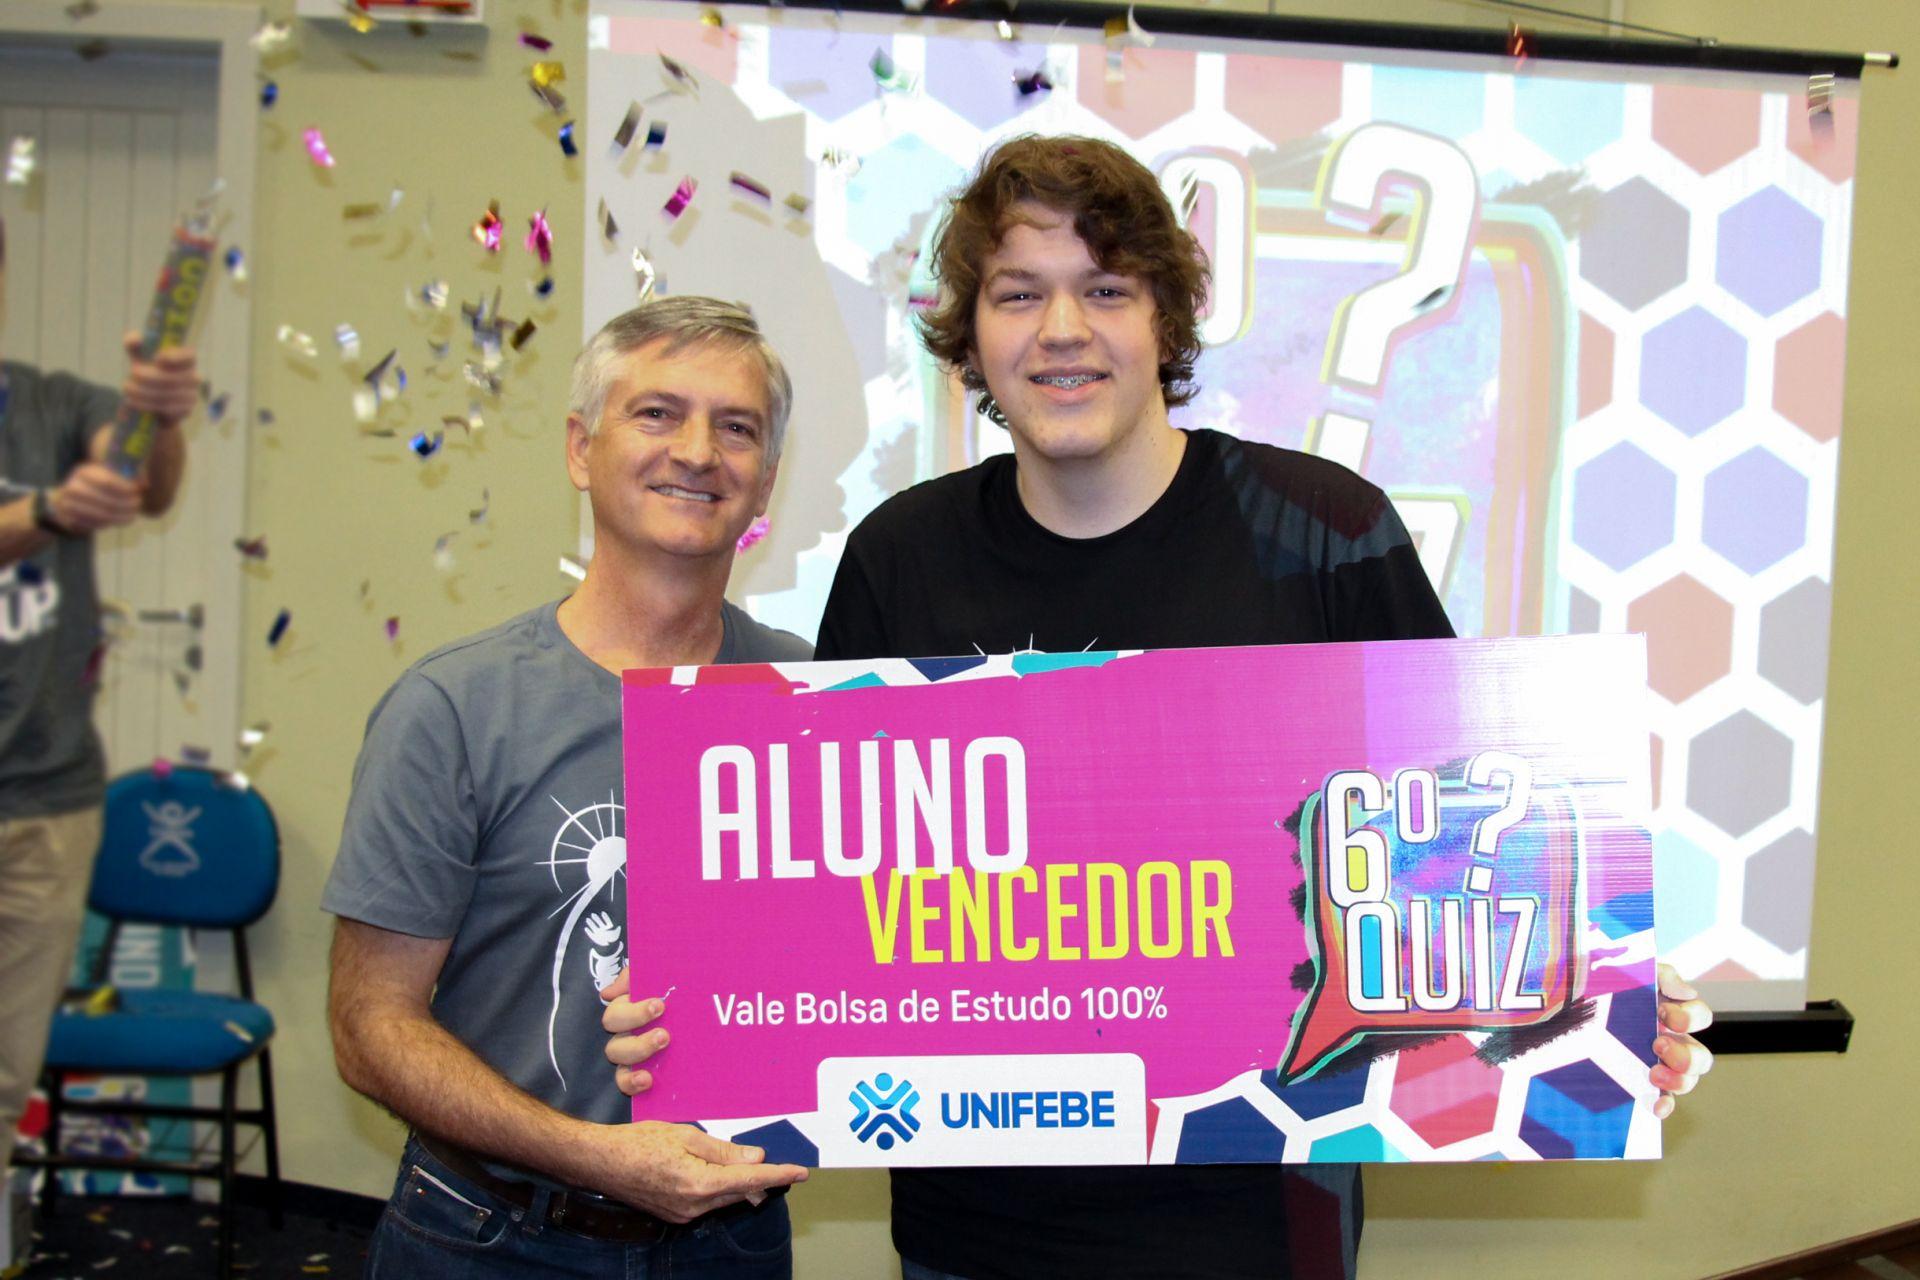 QUIZ UNIFEBE premia estudante com bolsa de estudos integral